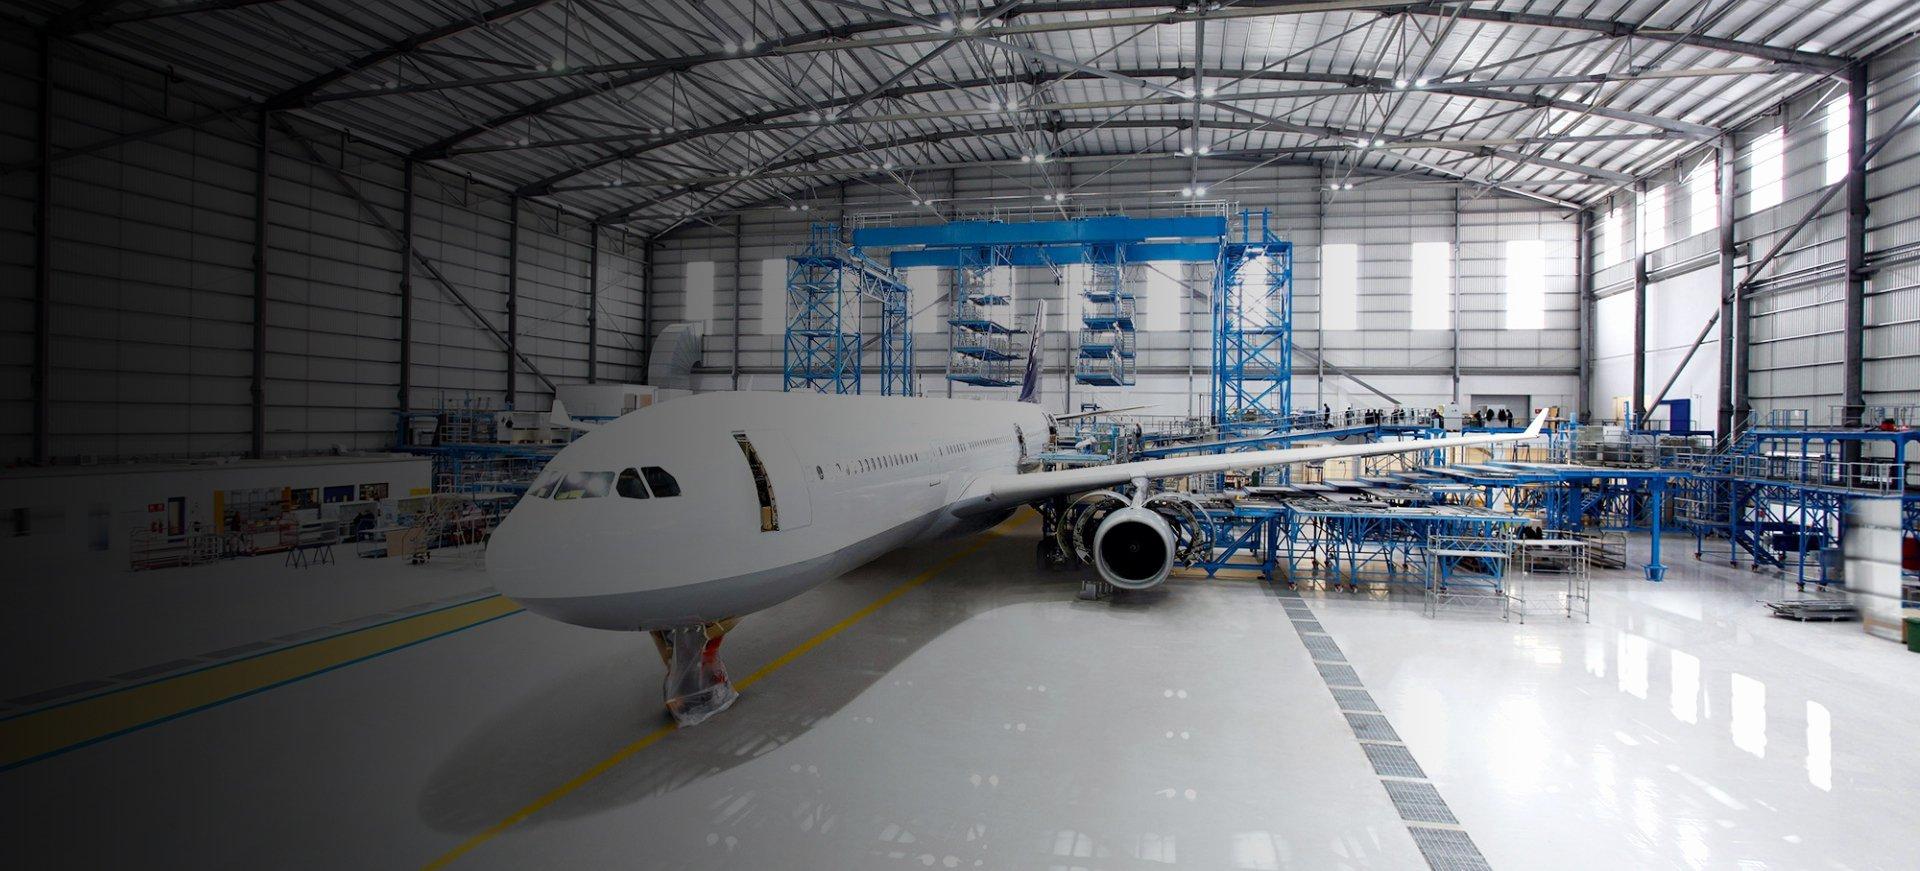 aircraft-hangar-financing-new-high-bay-lighting-aircraft-hangars-of-aircraft-hangar-EDITED1